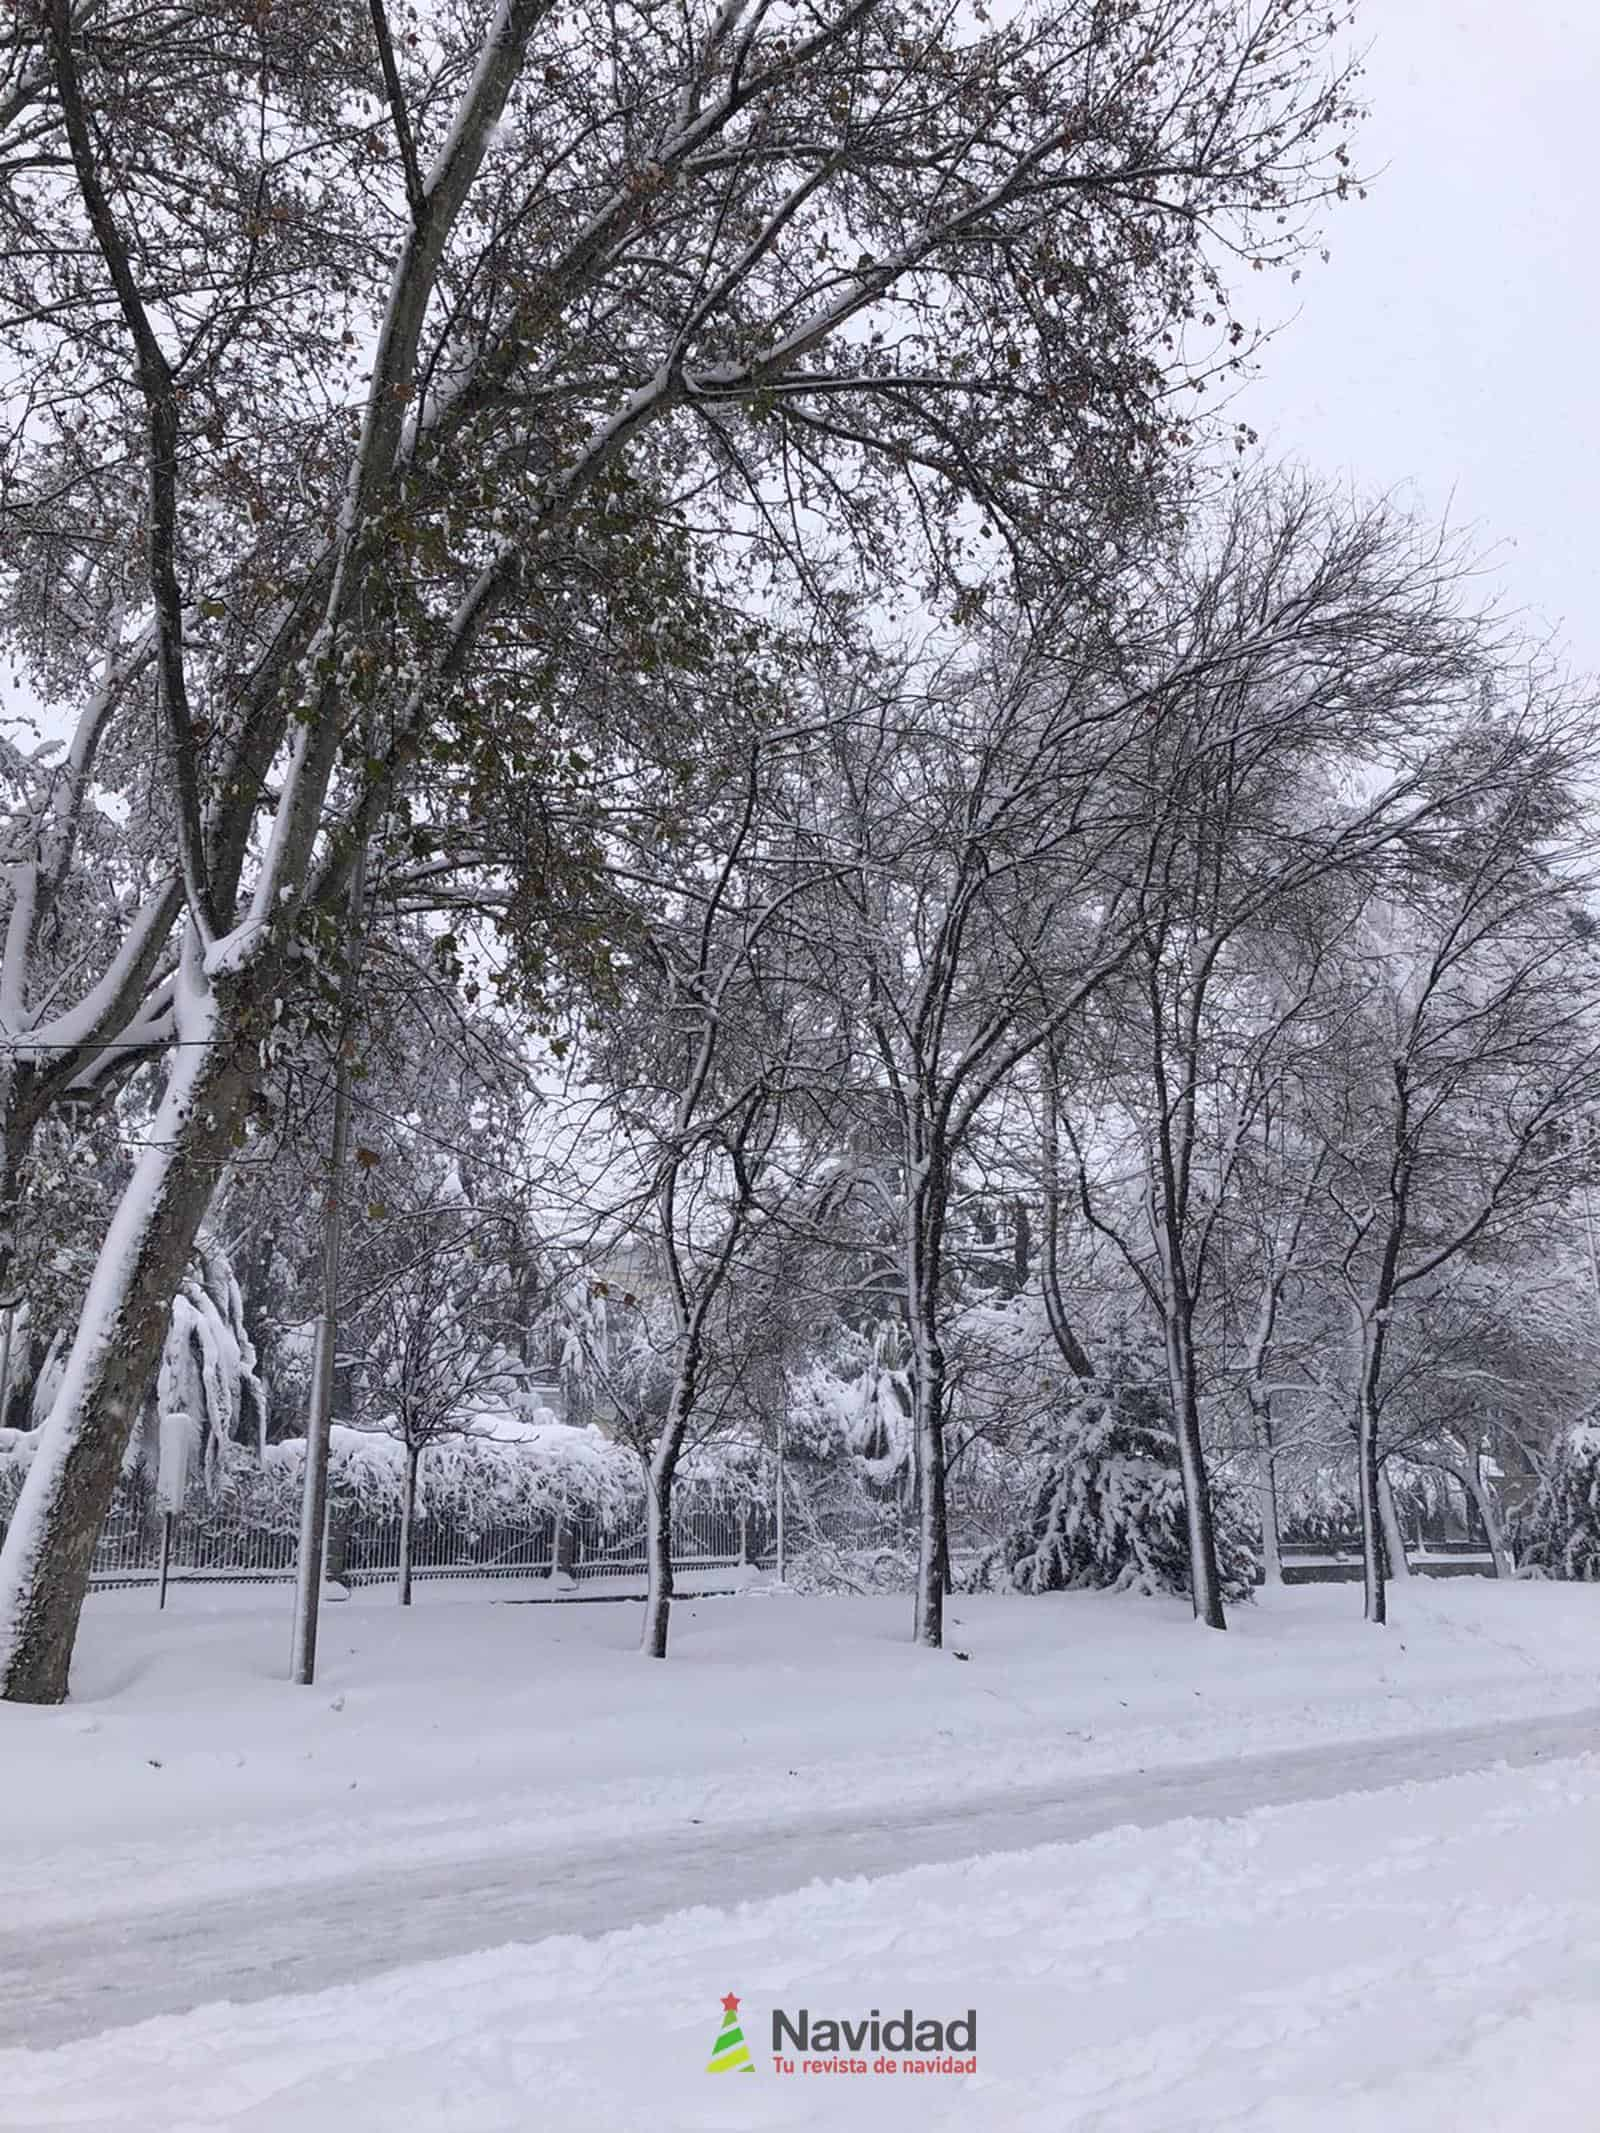 Fotografías de la nevada de enero en Madrid (España) 157